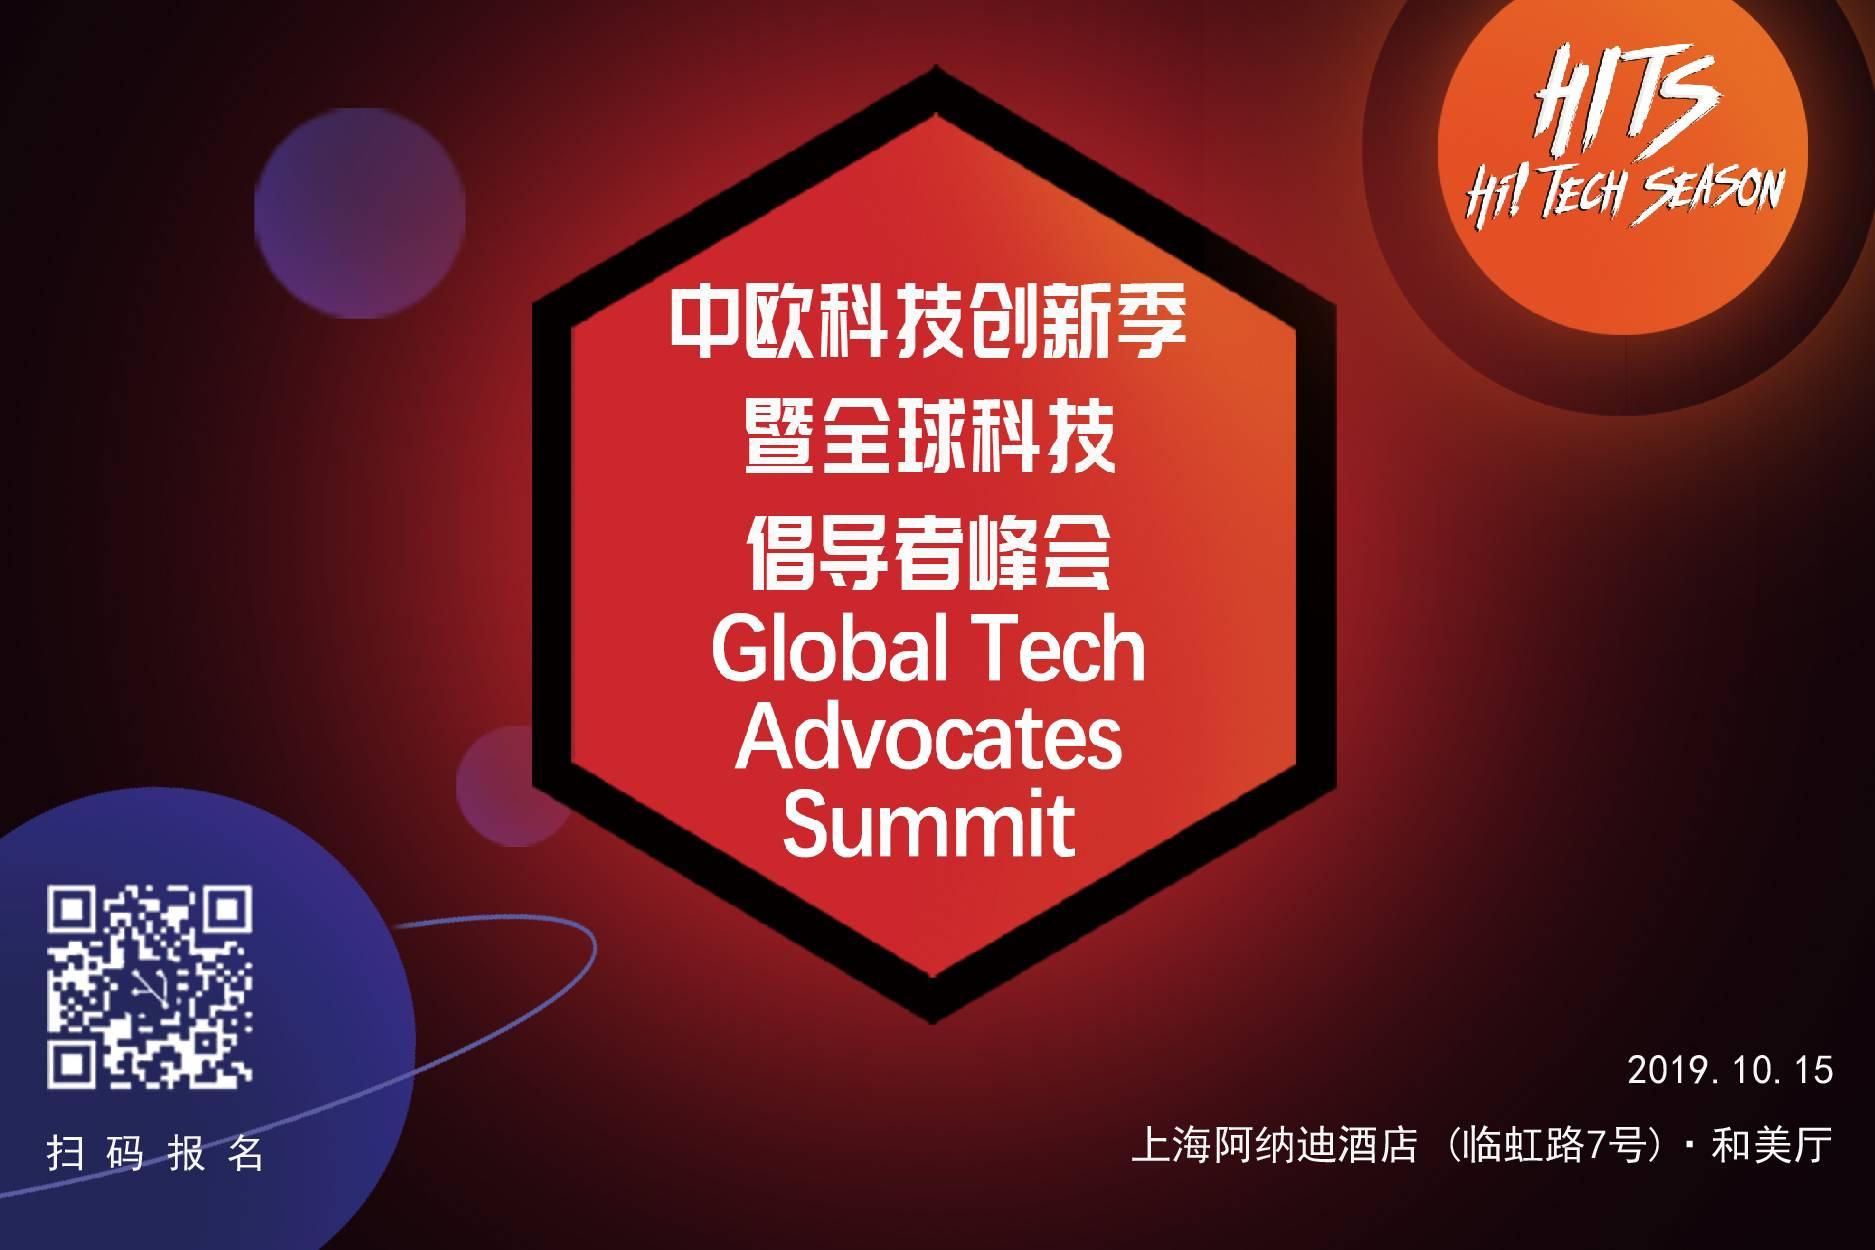 中歐科技創新季暨全球科技倡導者峰會